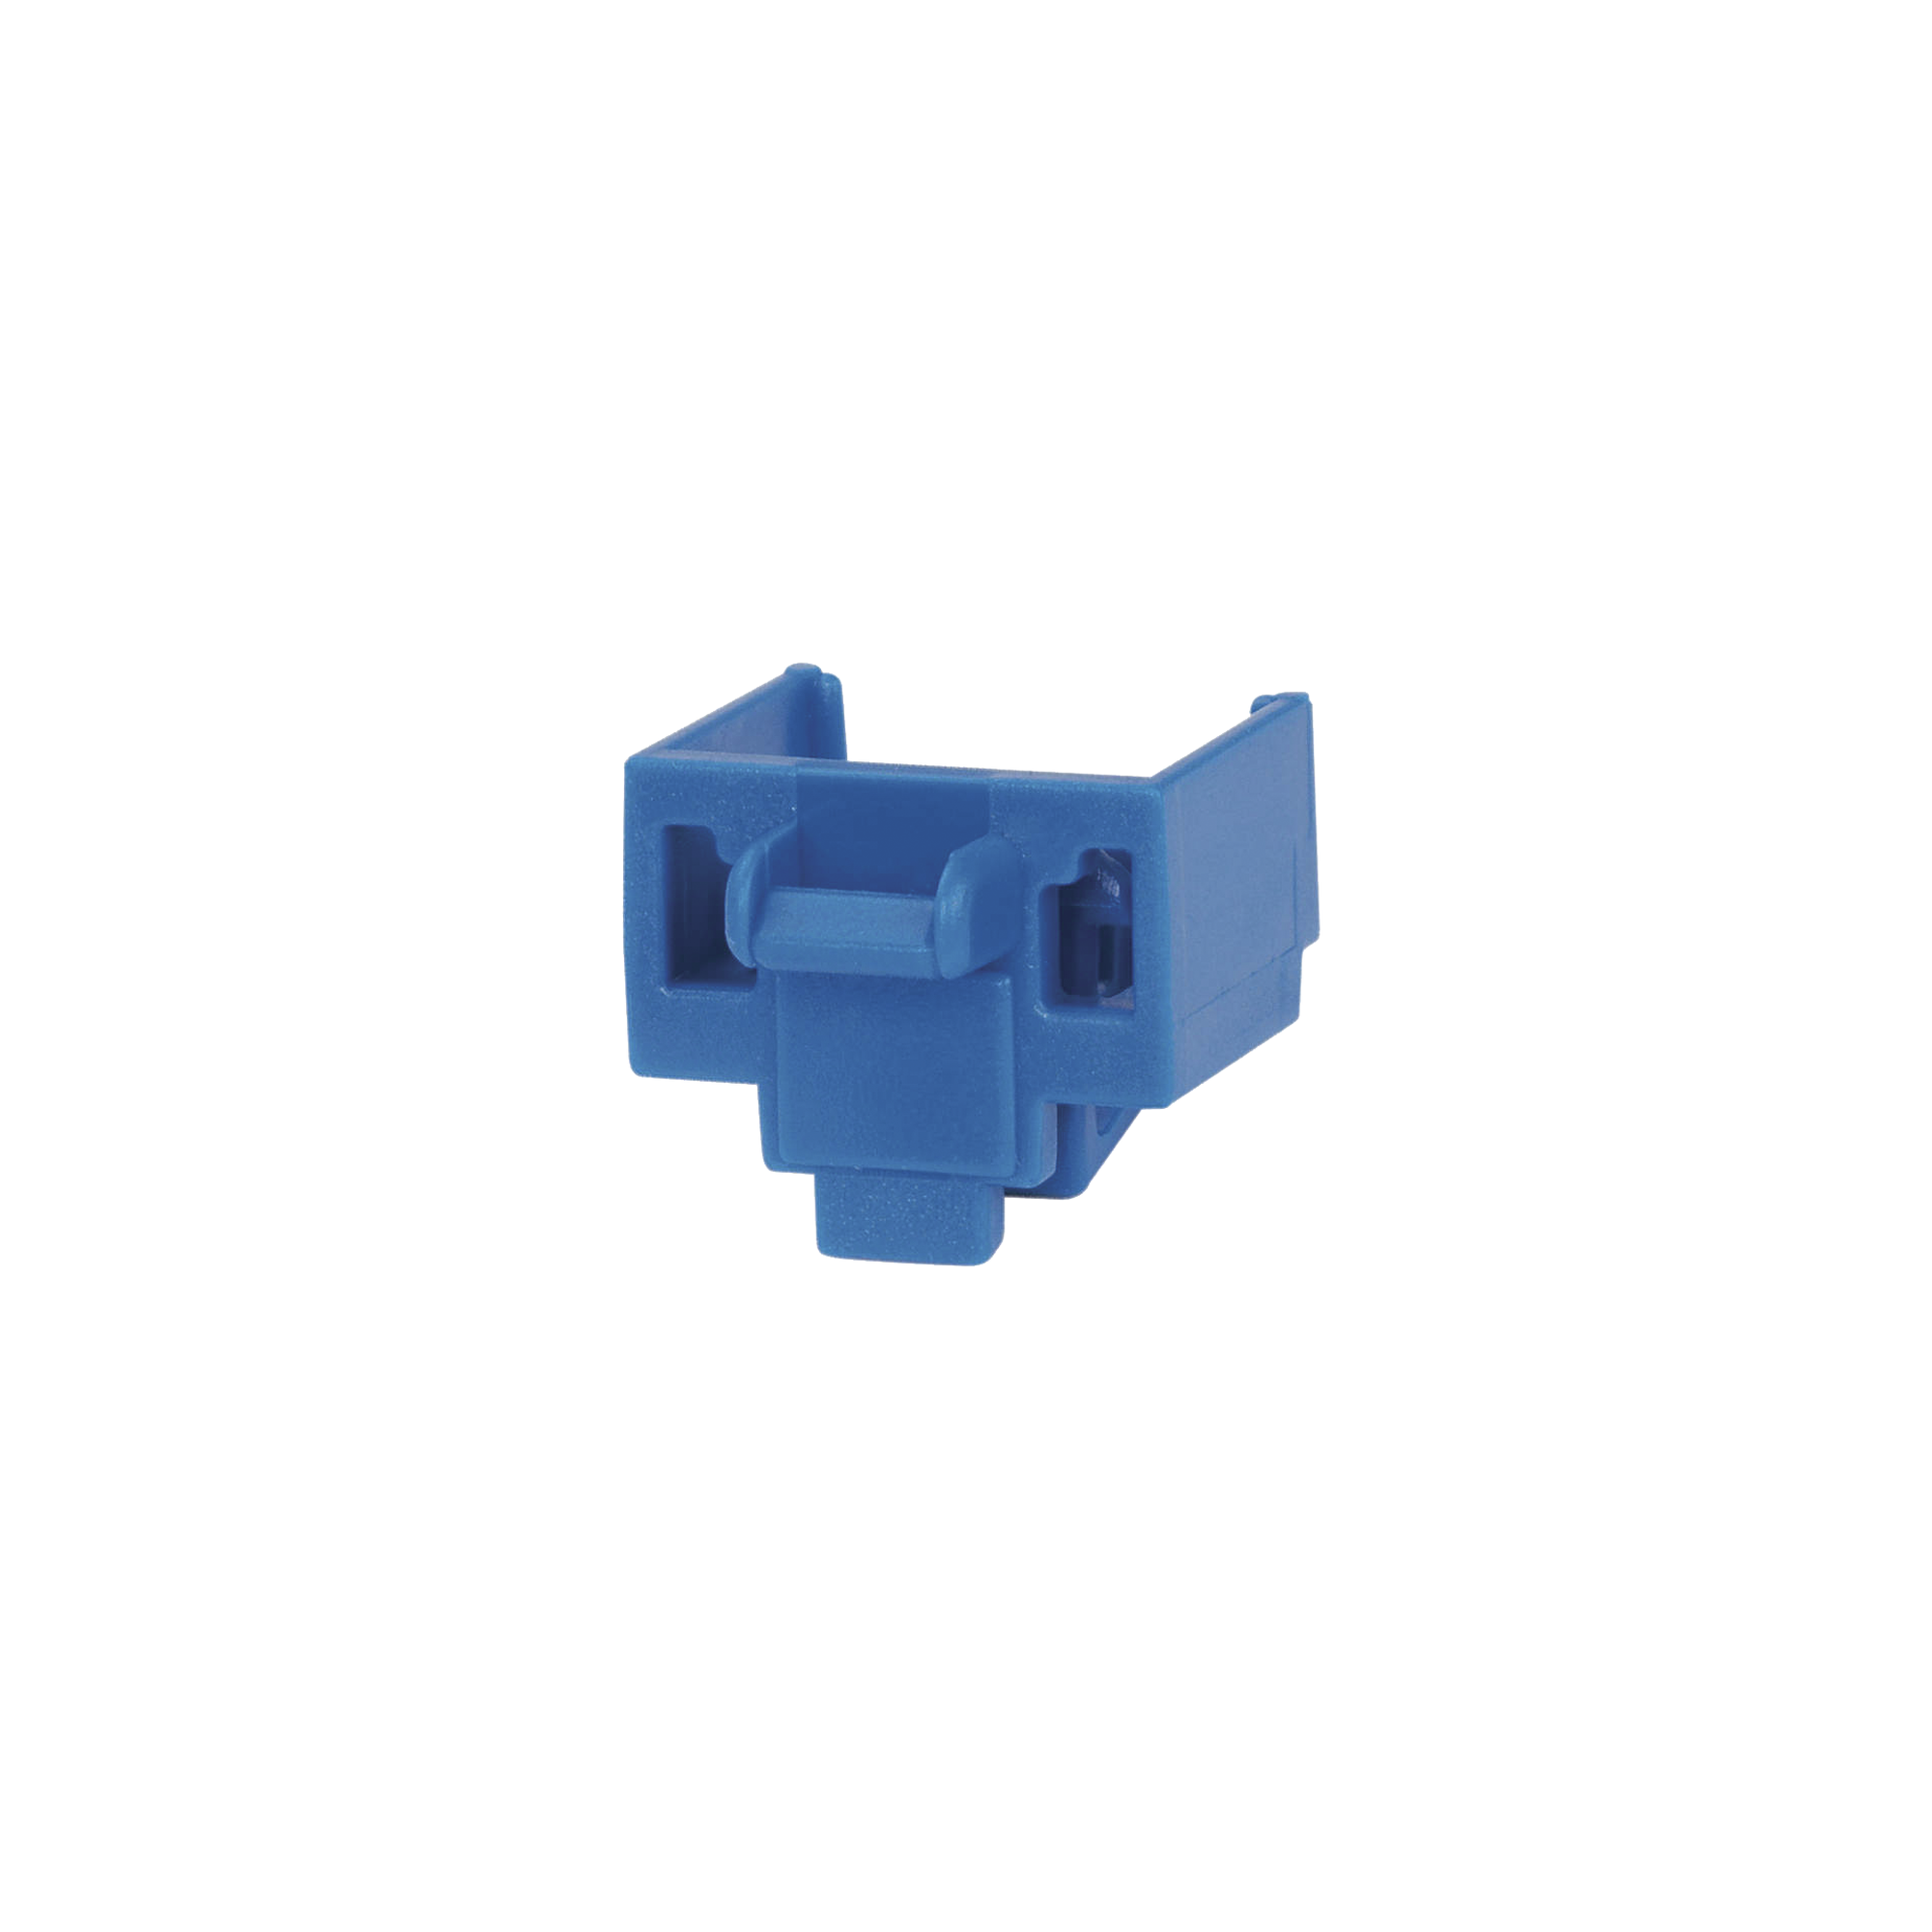 Kit de 10 Dispositivos para Bloquear Puertos RJ45, Color Azul, Incluye Llave de Extracción